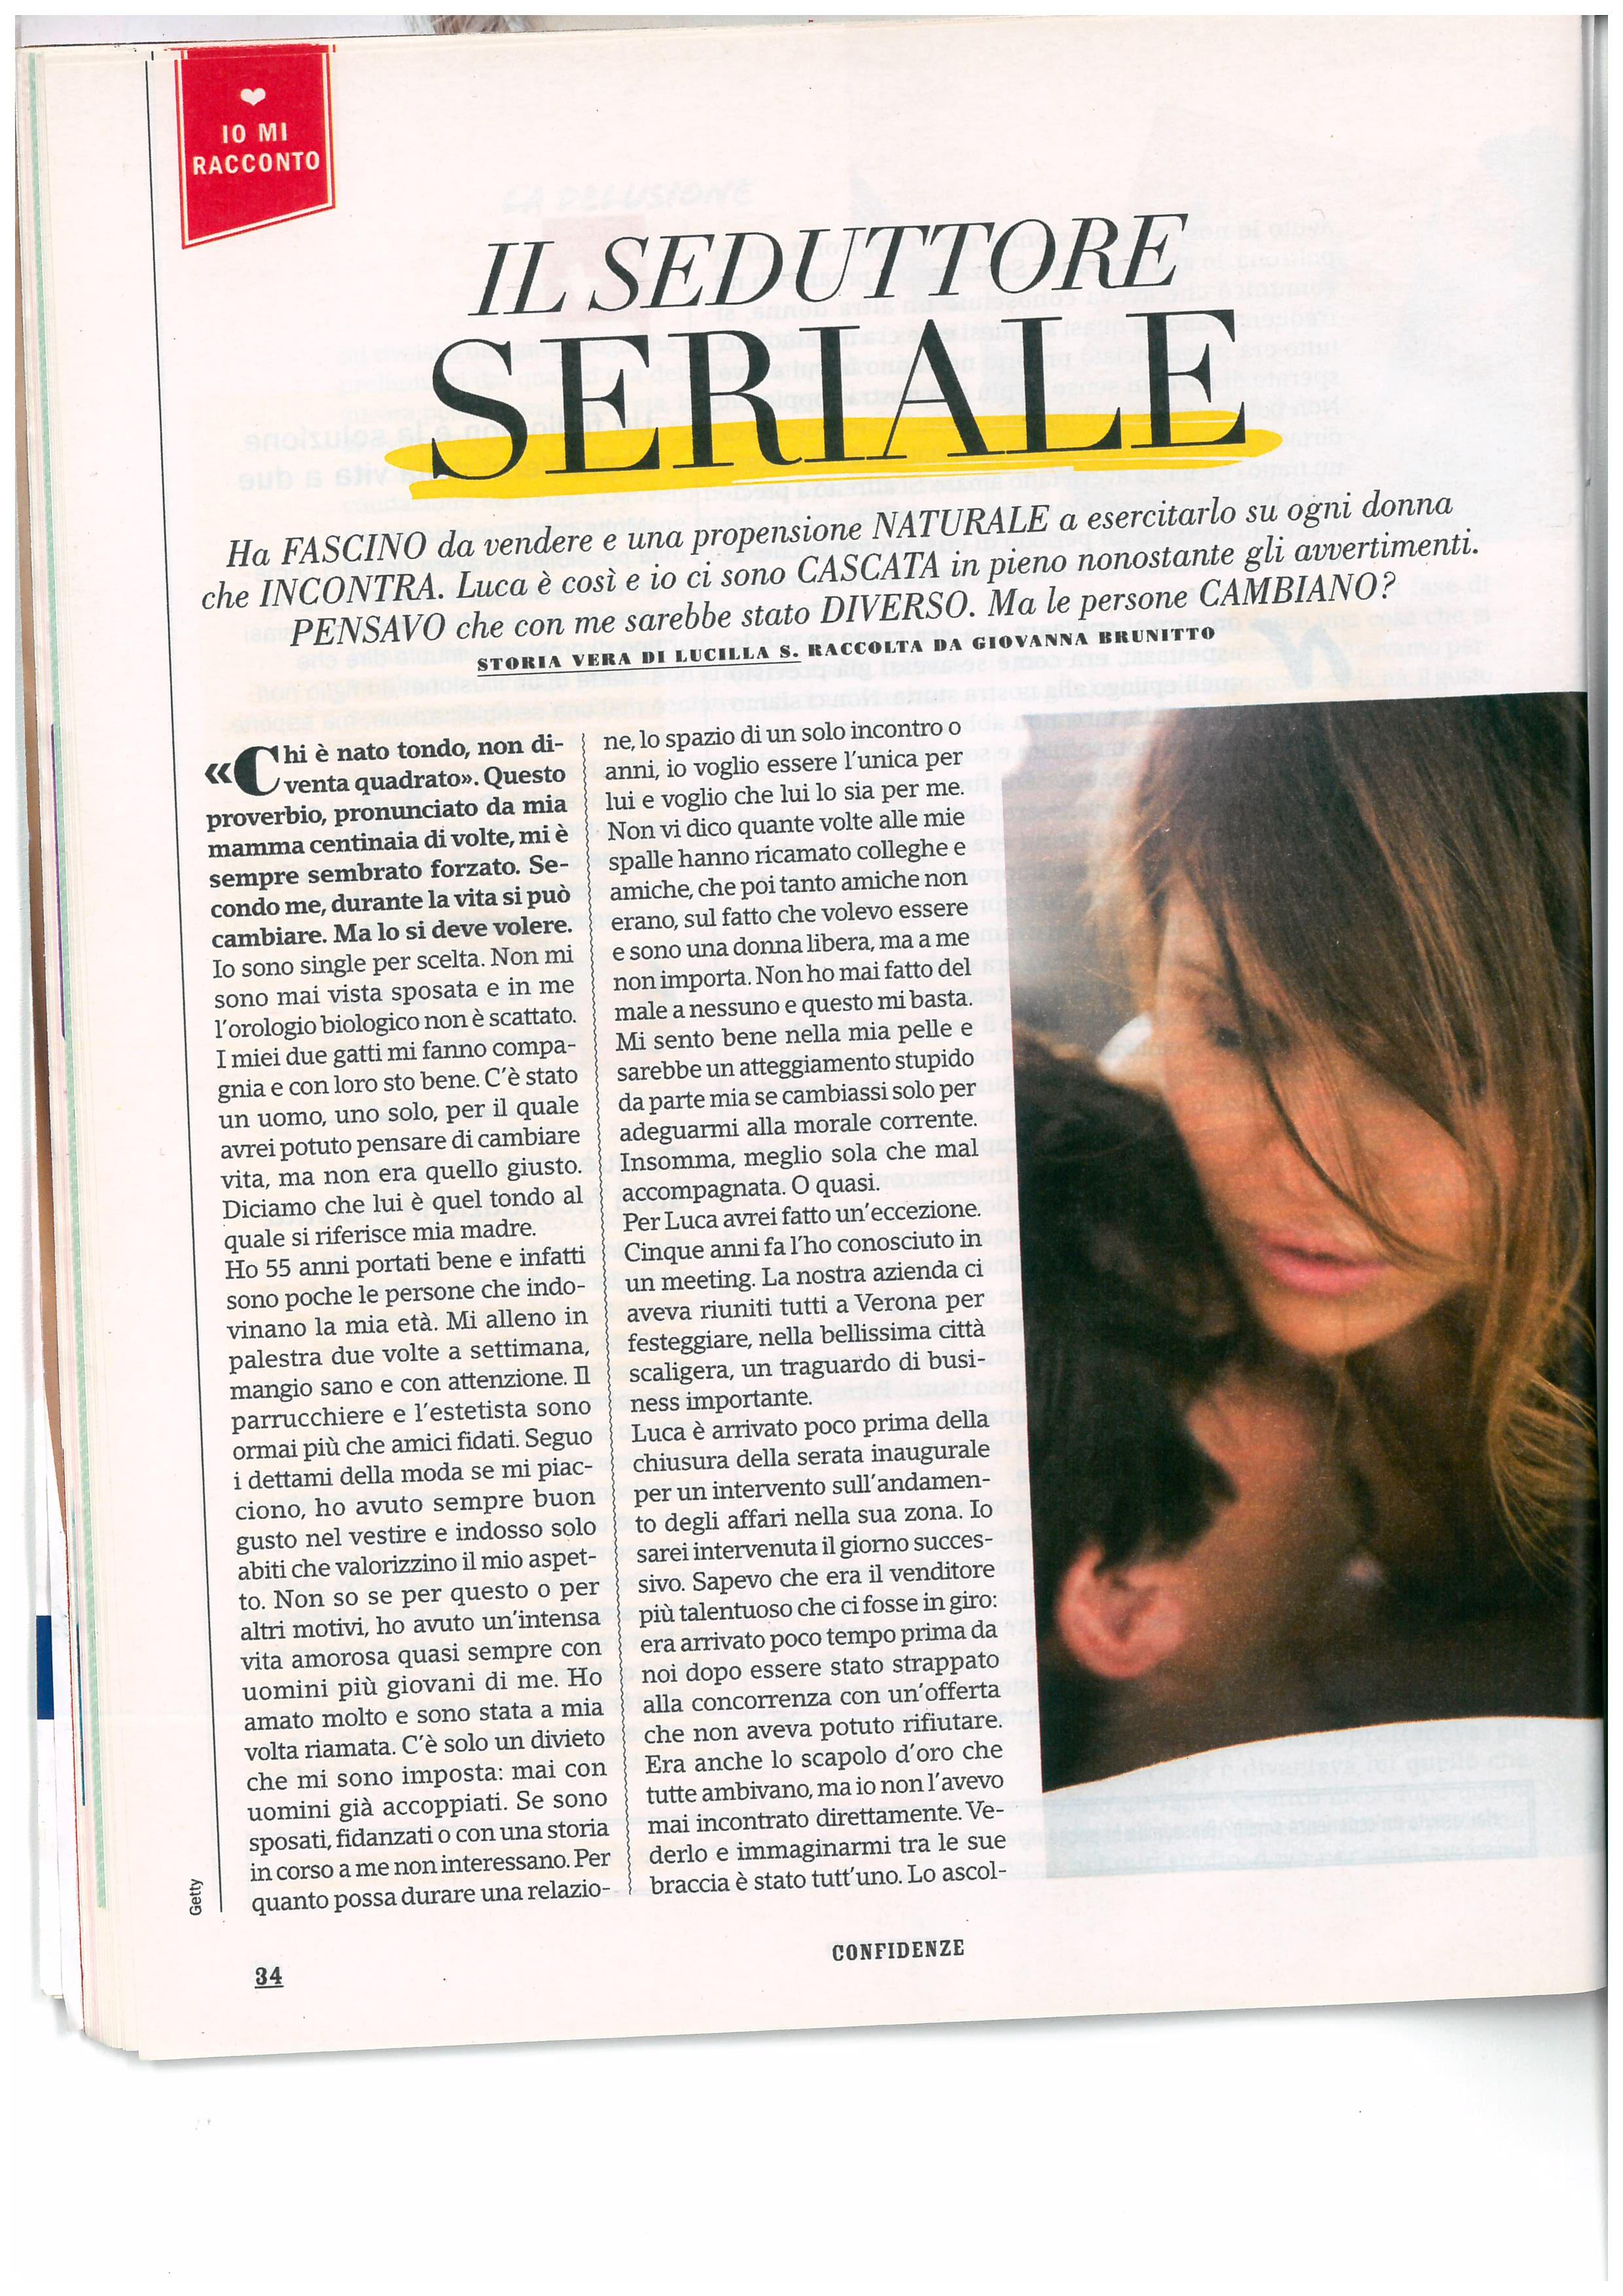 Storia di Lucilla - Confidenze nr. 27 Luglio 2017 pag. 1